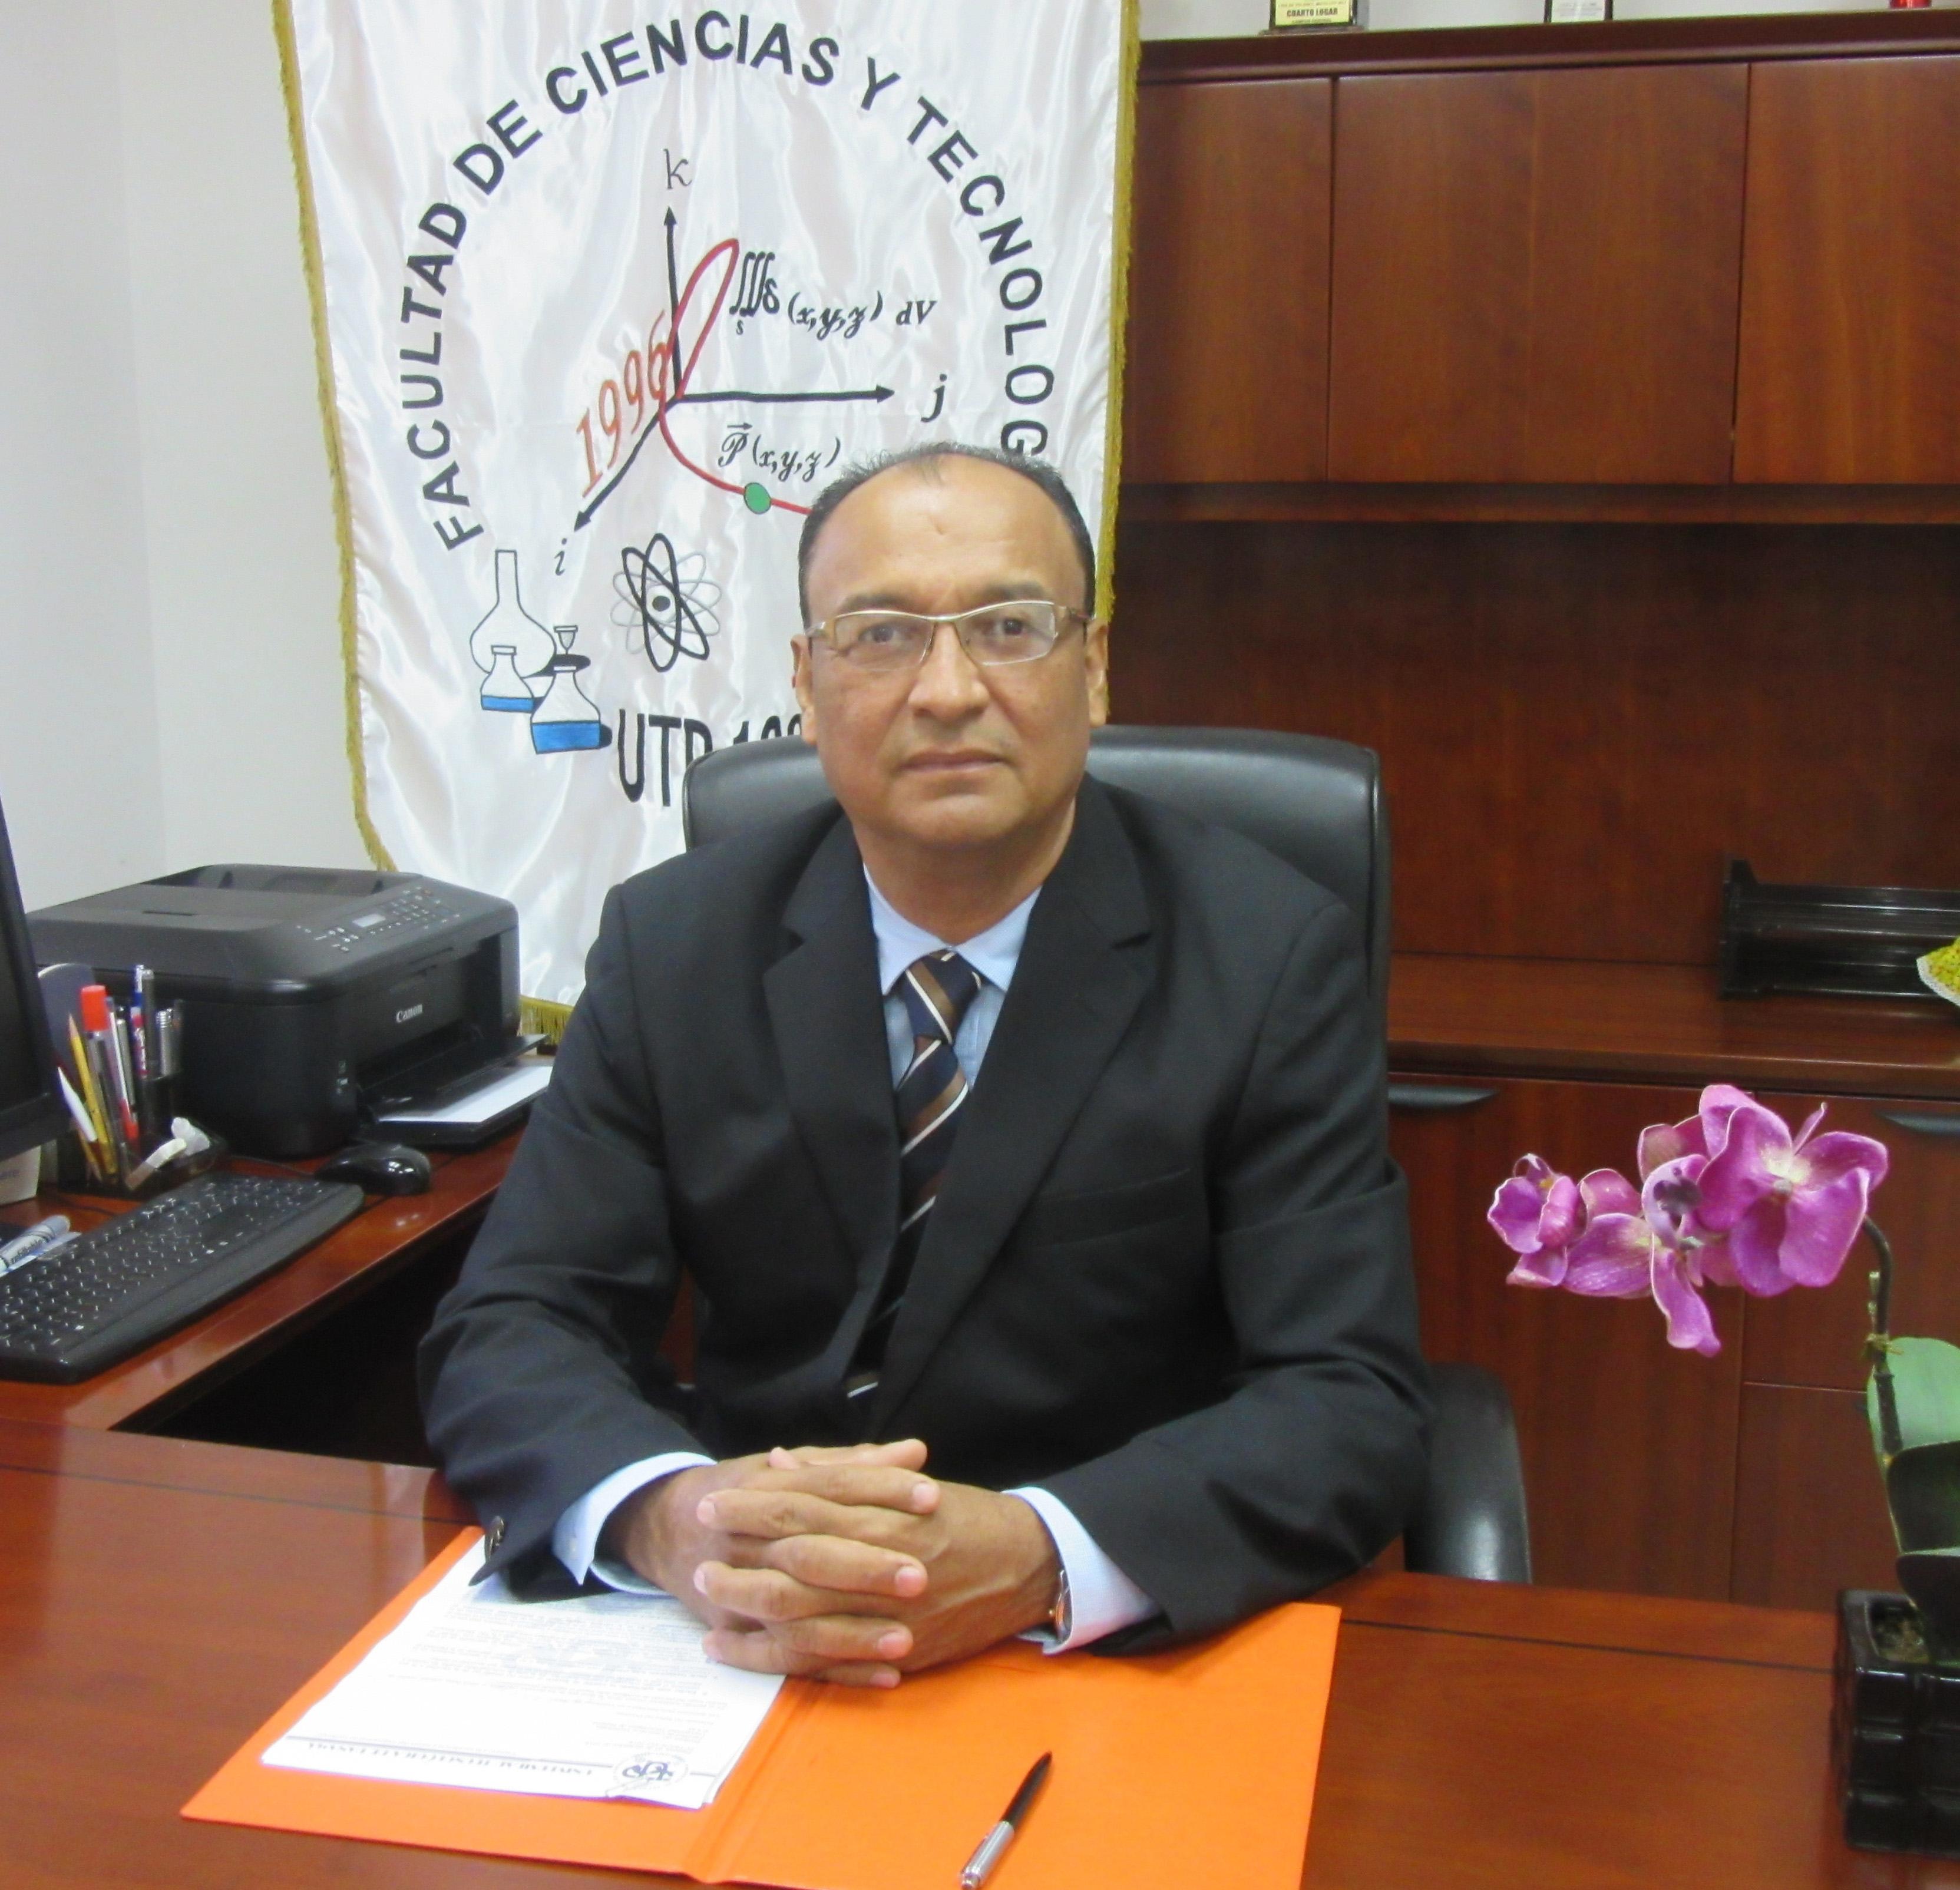 Coordinador de Investigación Dr. Ildemán Abrego Castillo